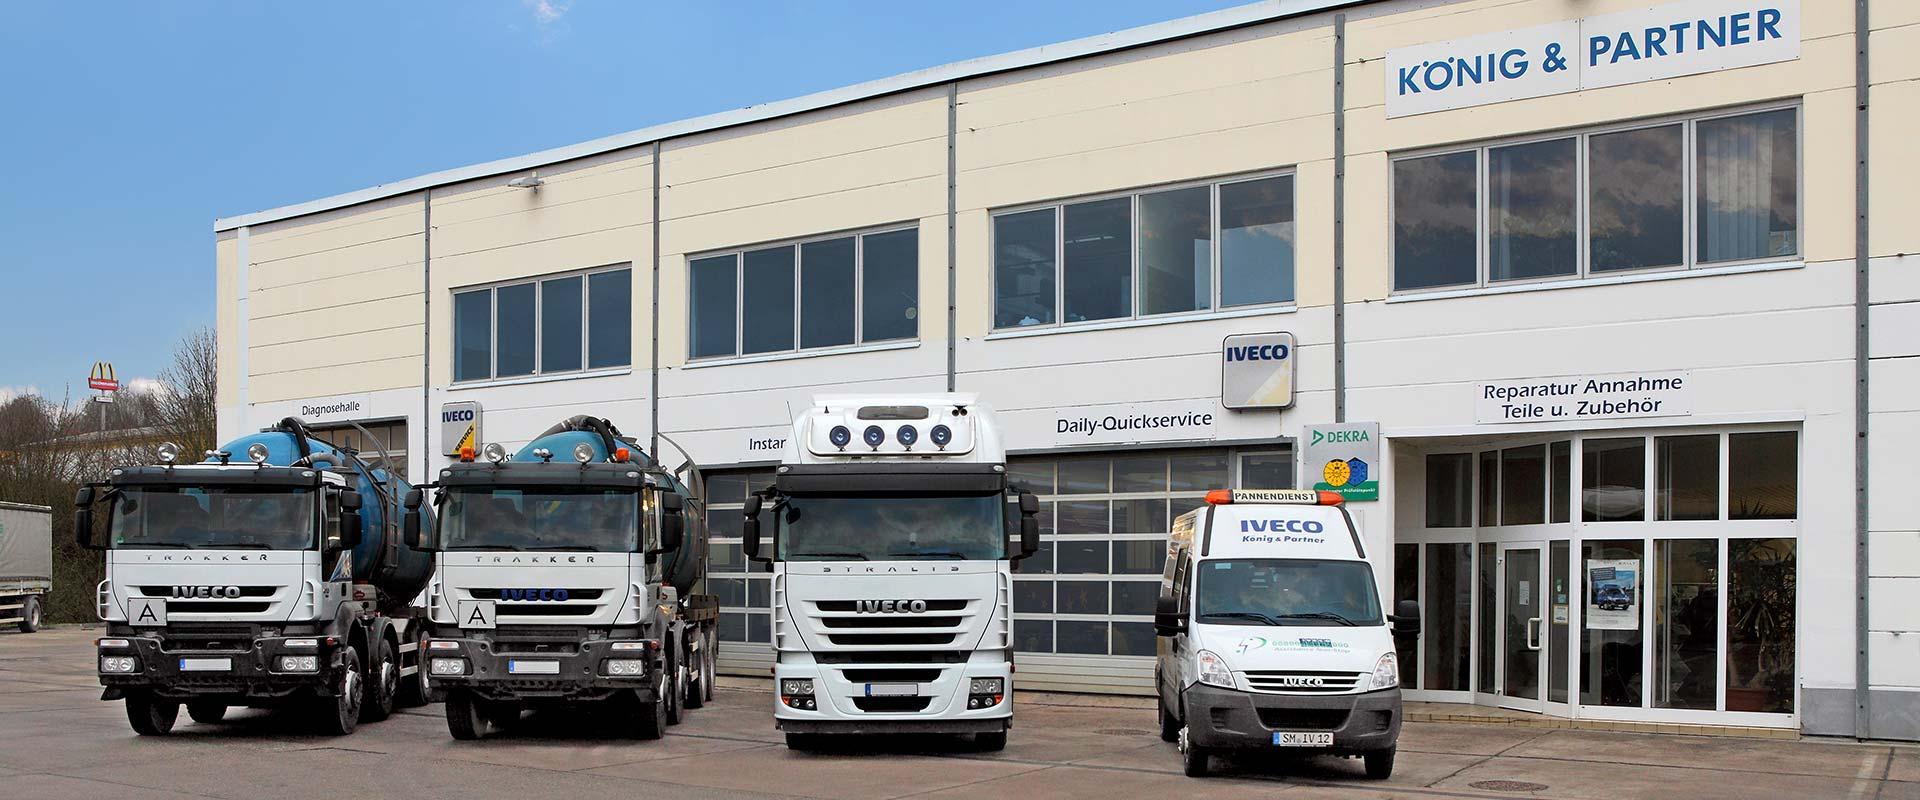 Lkw-Service und Anhänger-Service in Meiningen, Iveco Service-Partner